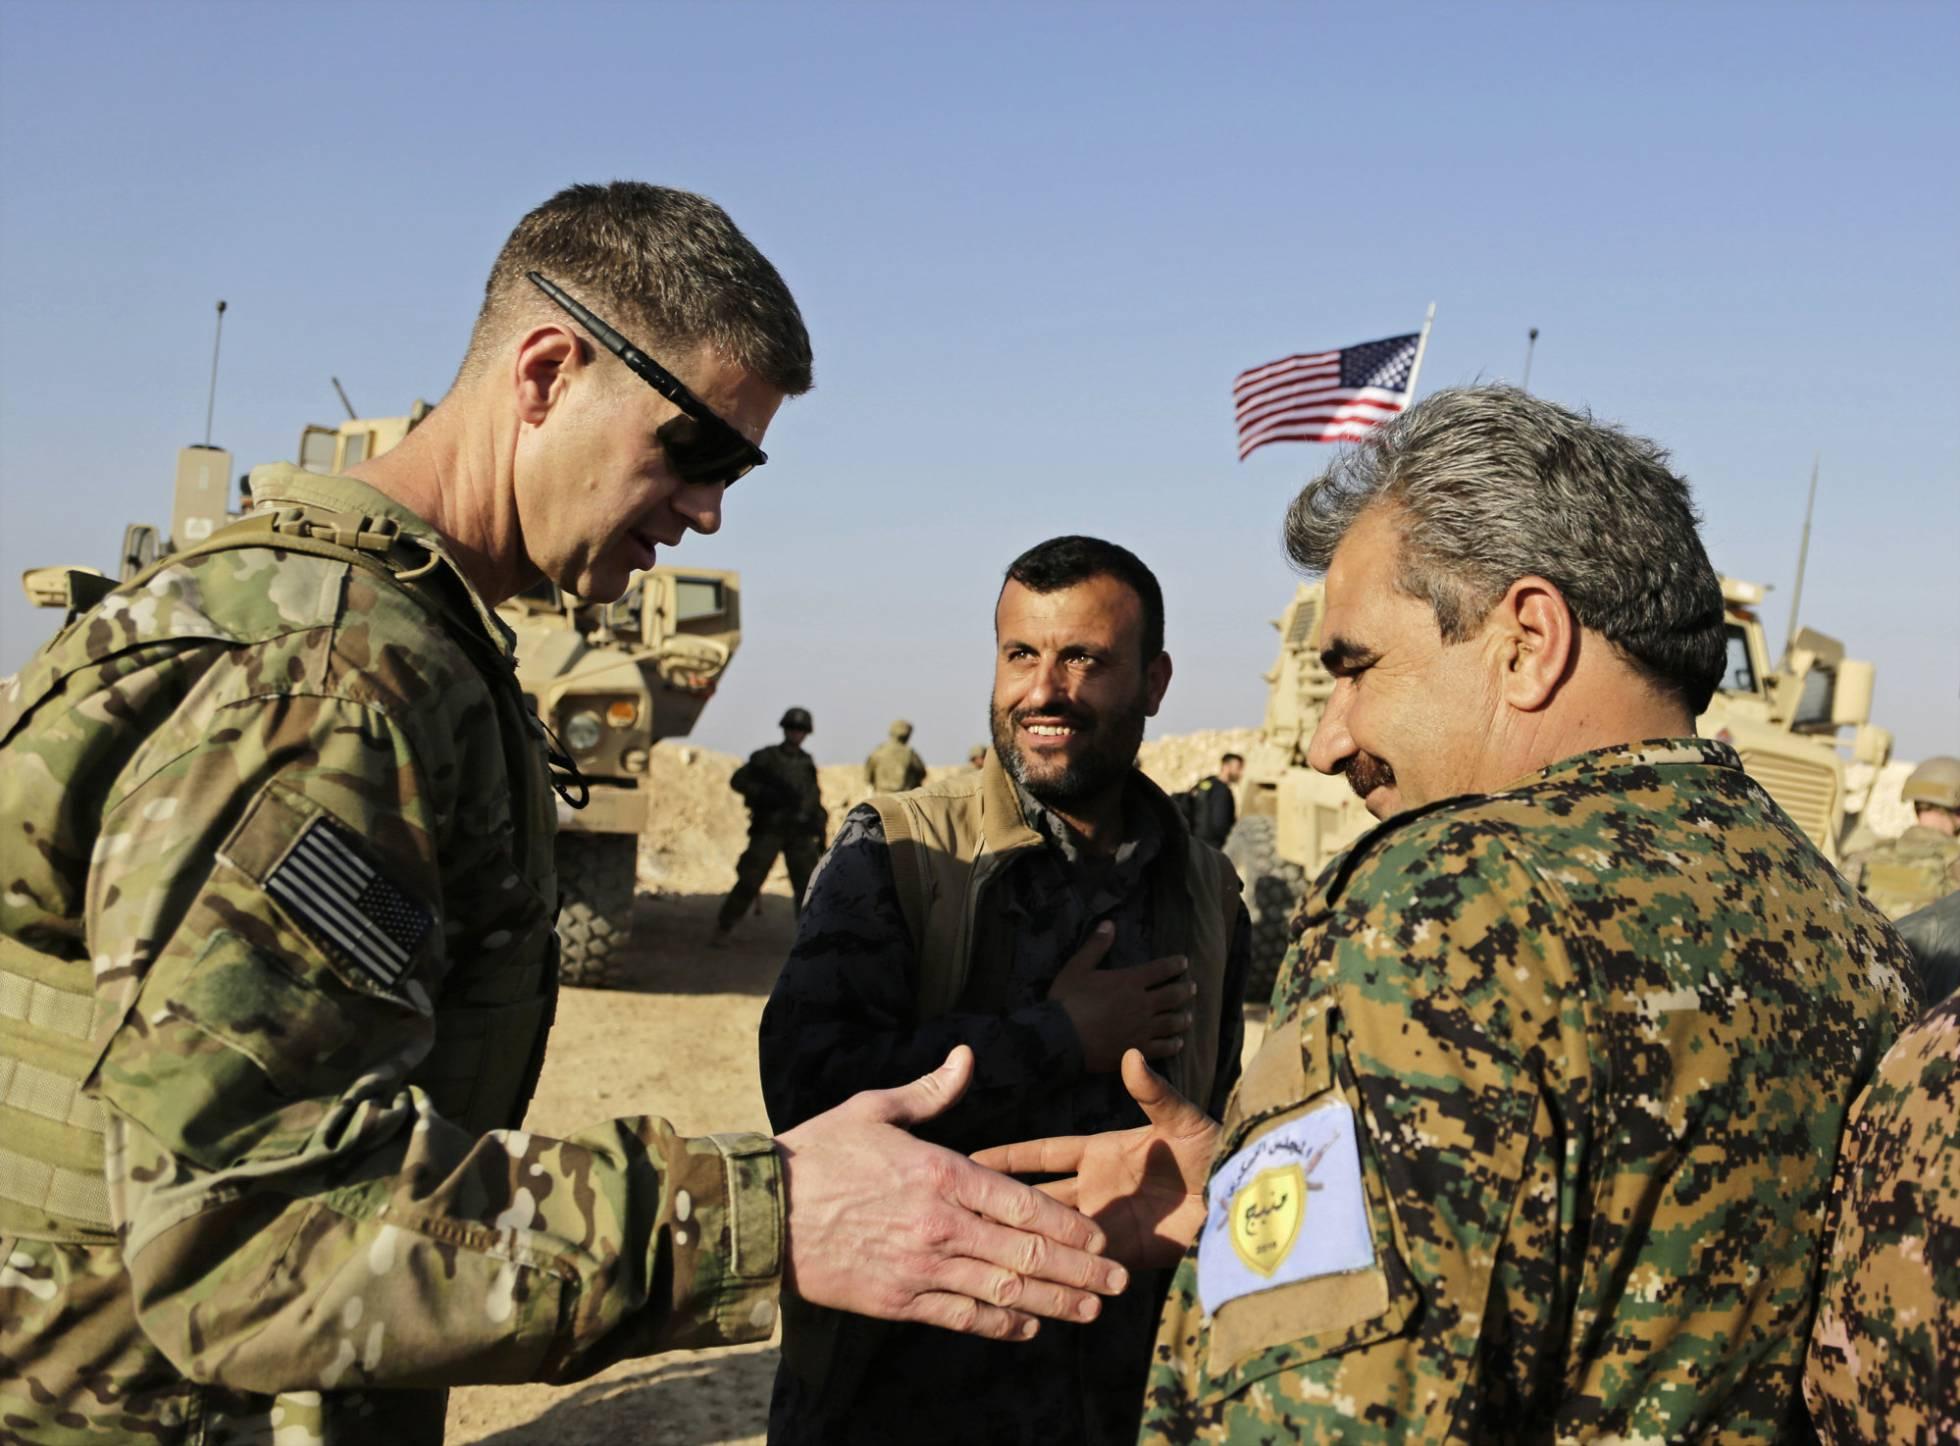 Conflicto Turquía - Siria  - Página 14 1518791338_265911_1518791590_noticia_normal_recorte1